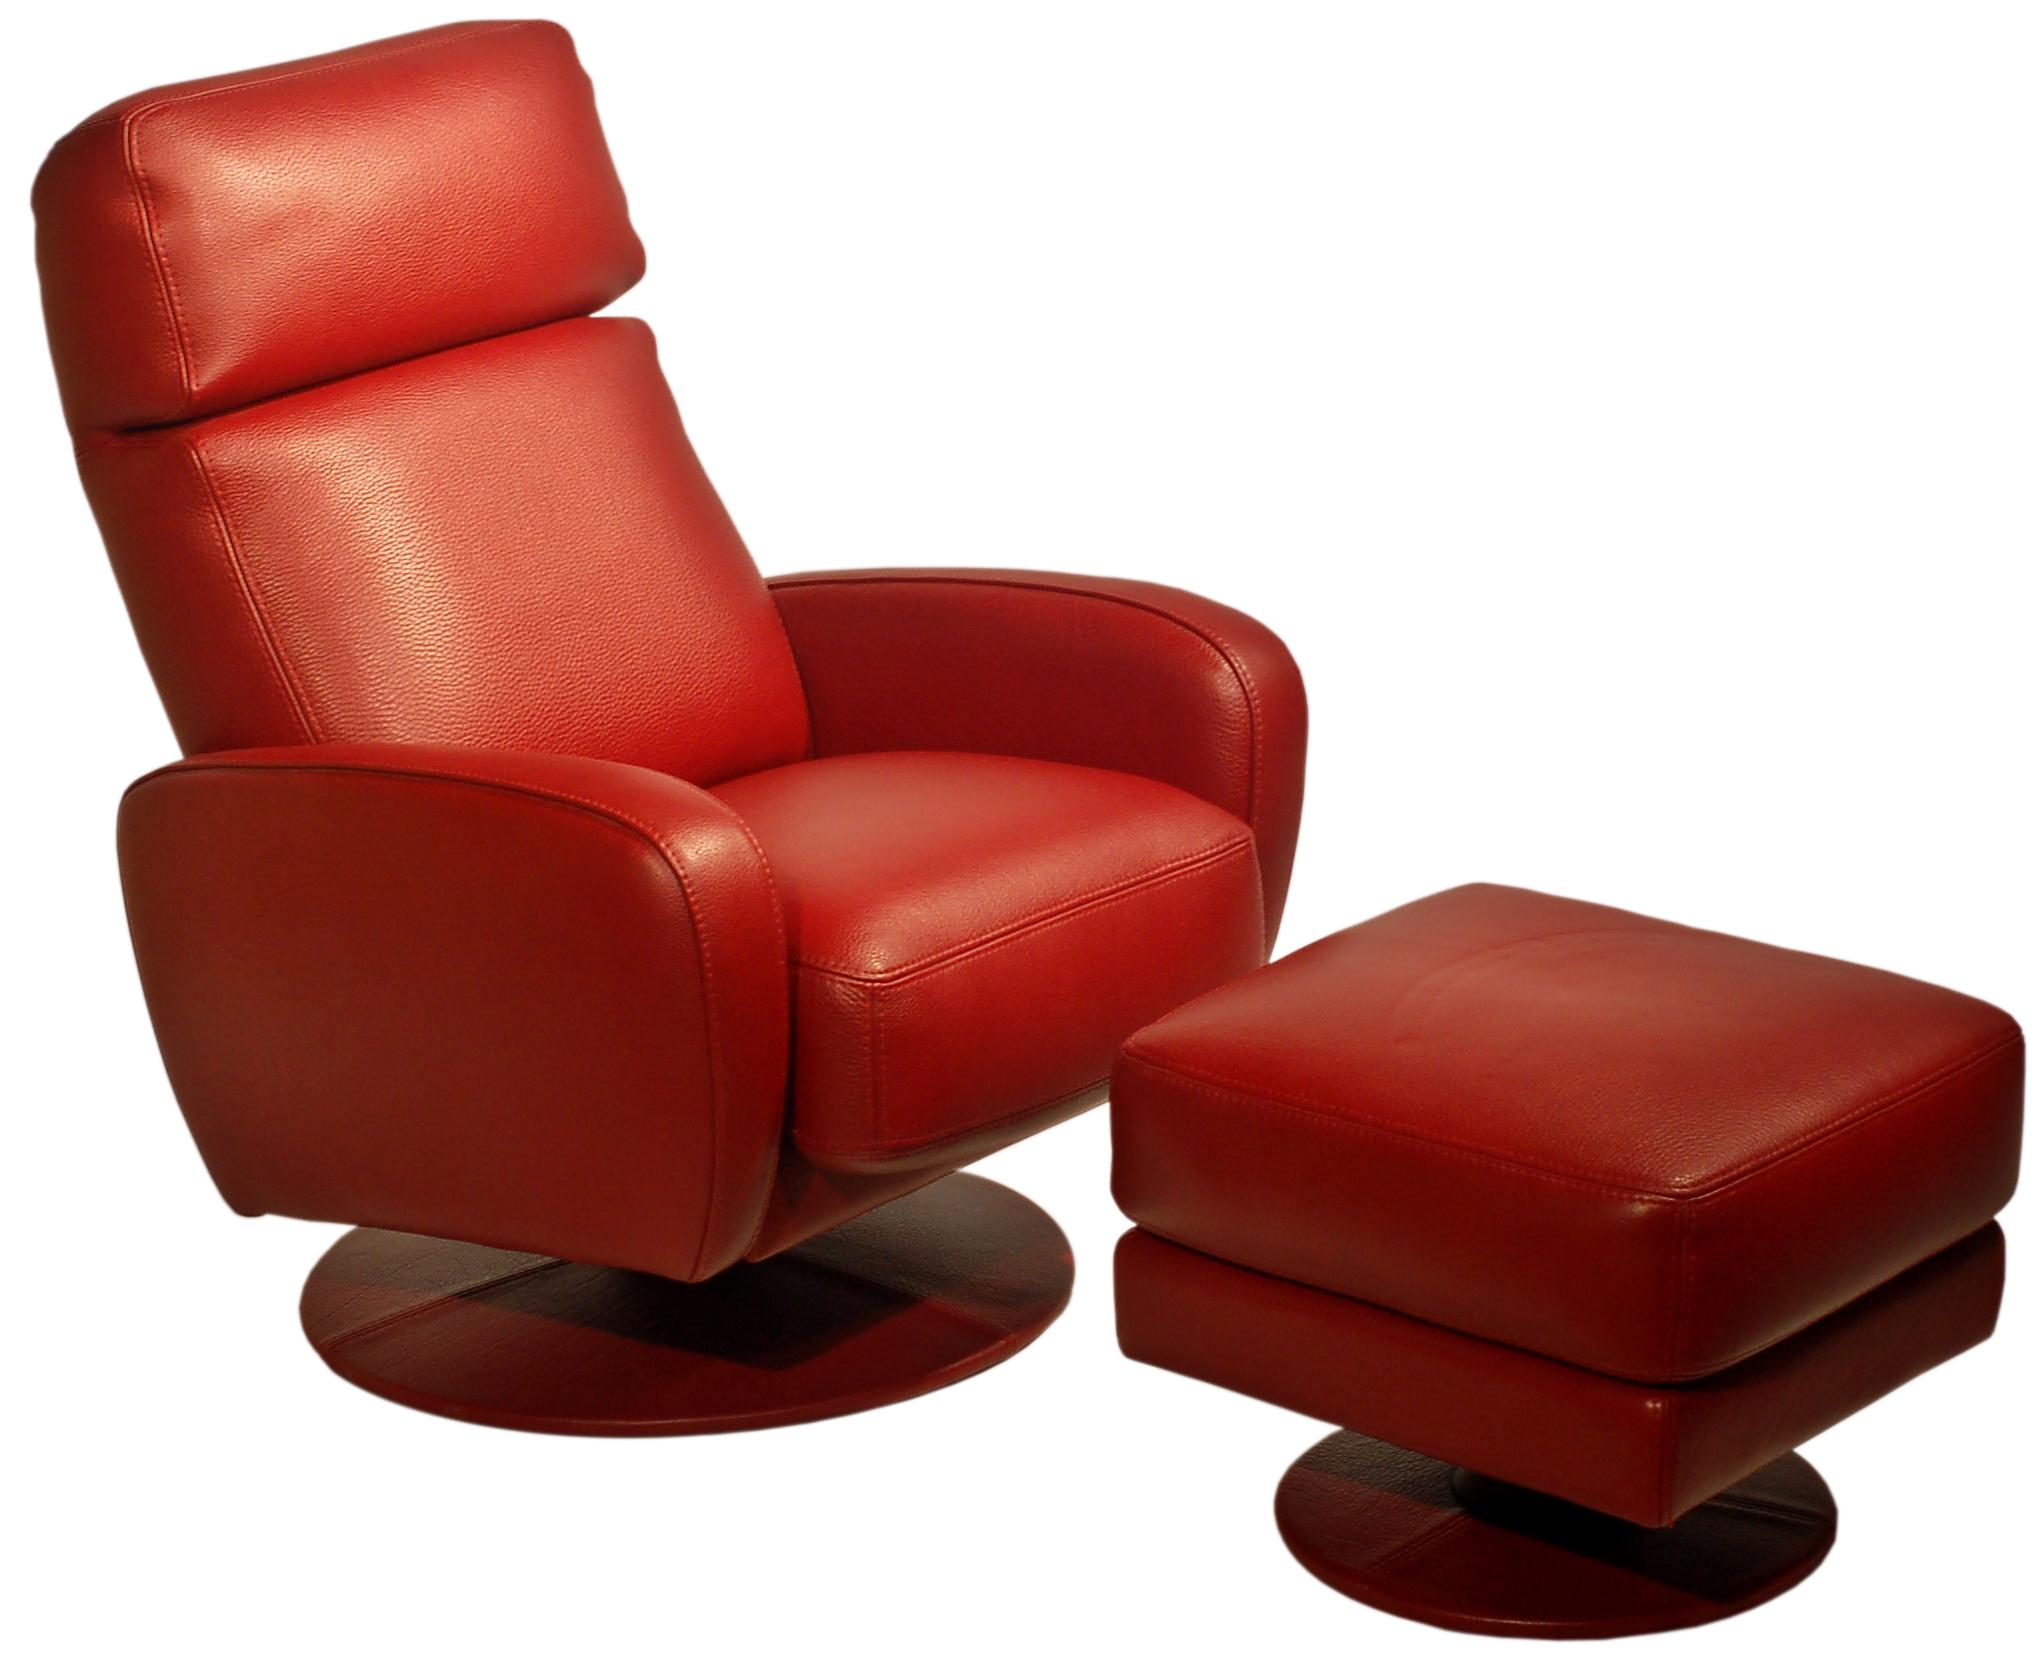 fauteuils de relaxation l 39 album photo des collections. Black Bedroom Furniture Sets. Home Design Ideas